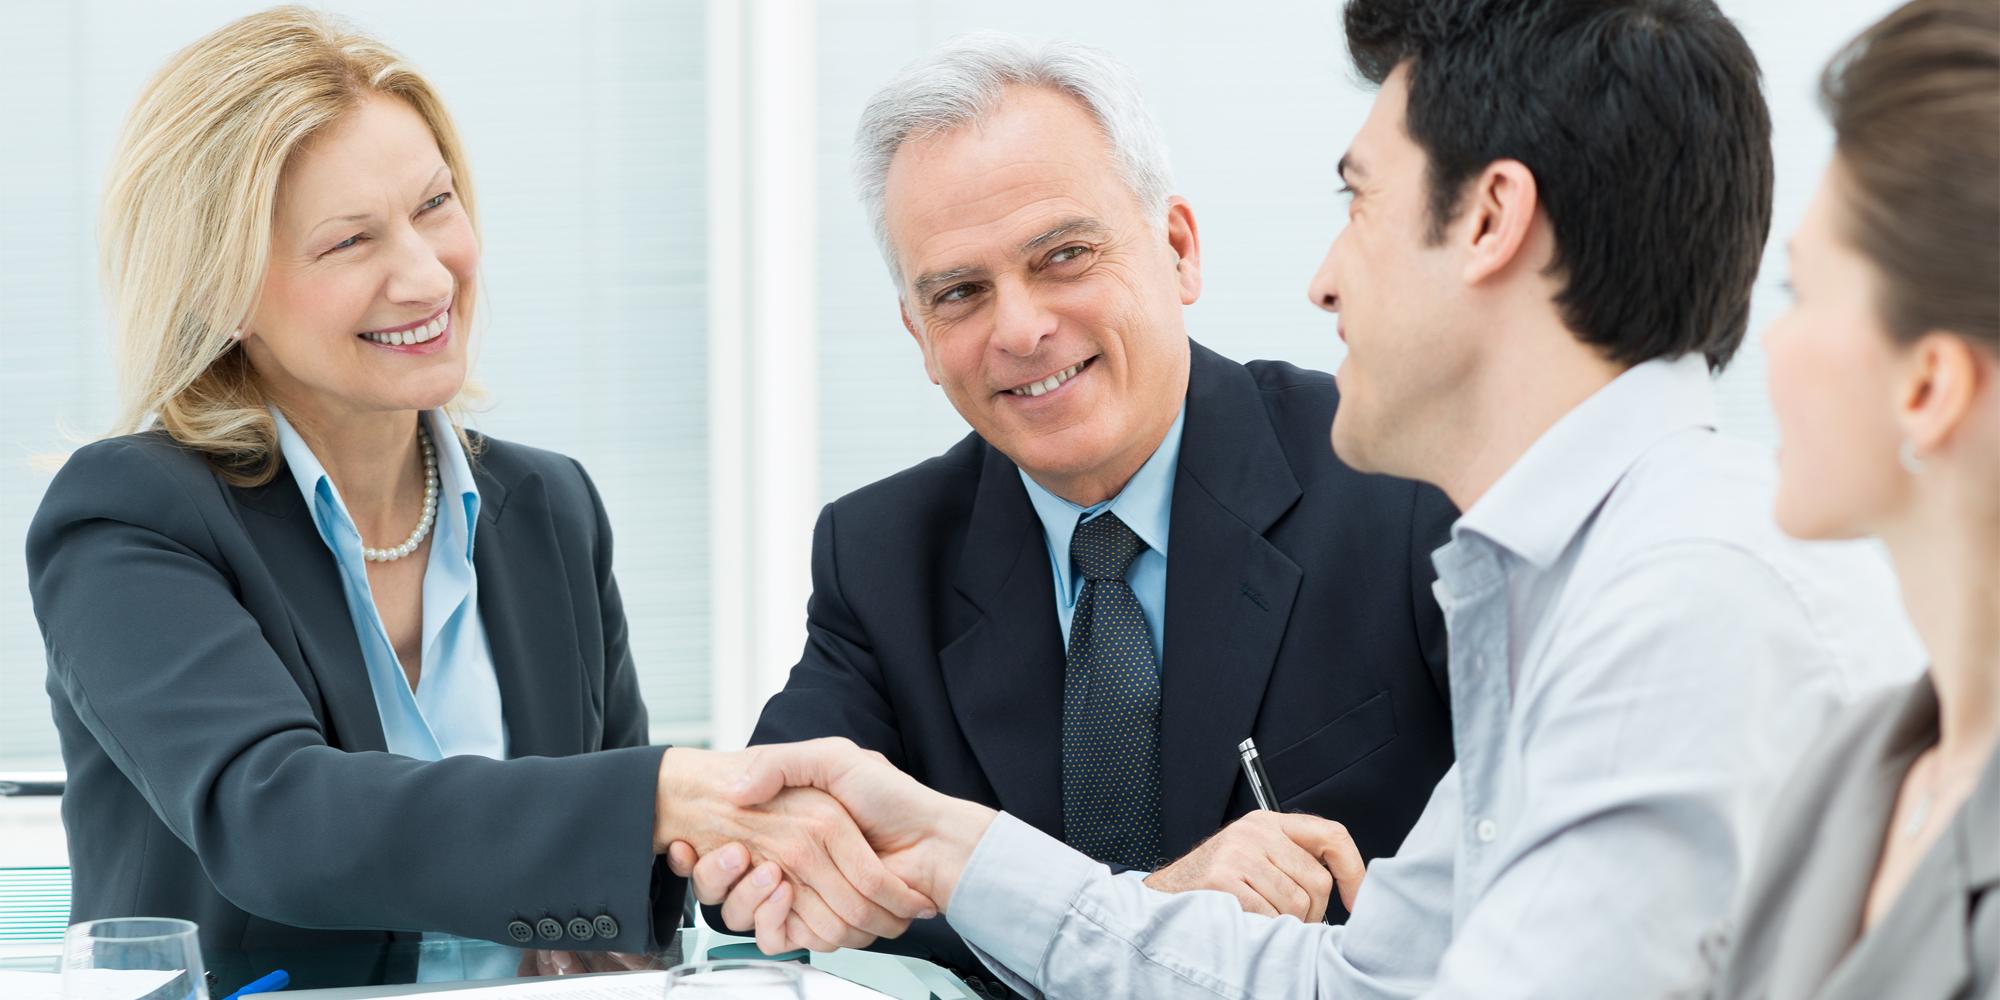 Blisk Financial Group - Executives